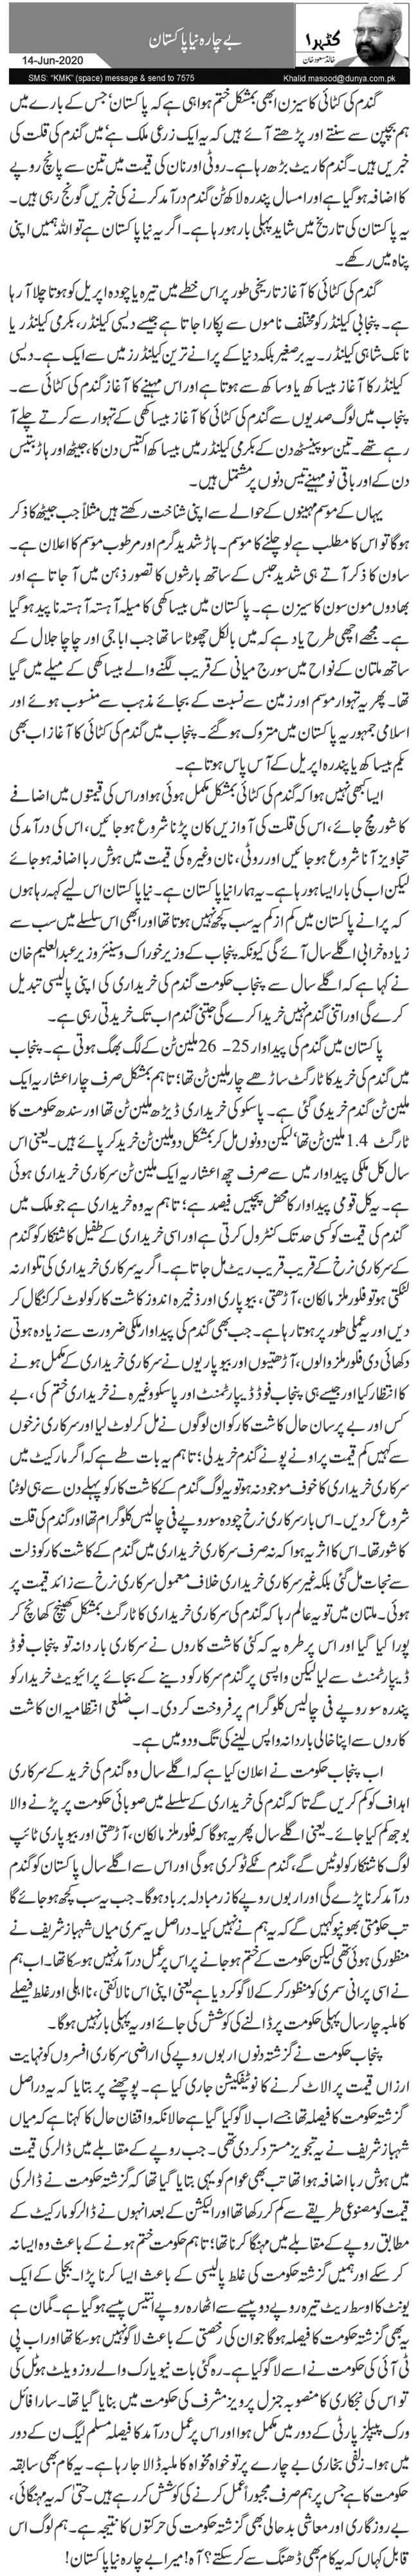 بے چارہ نیا پاکستان